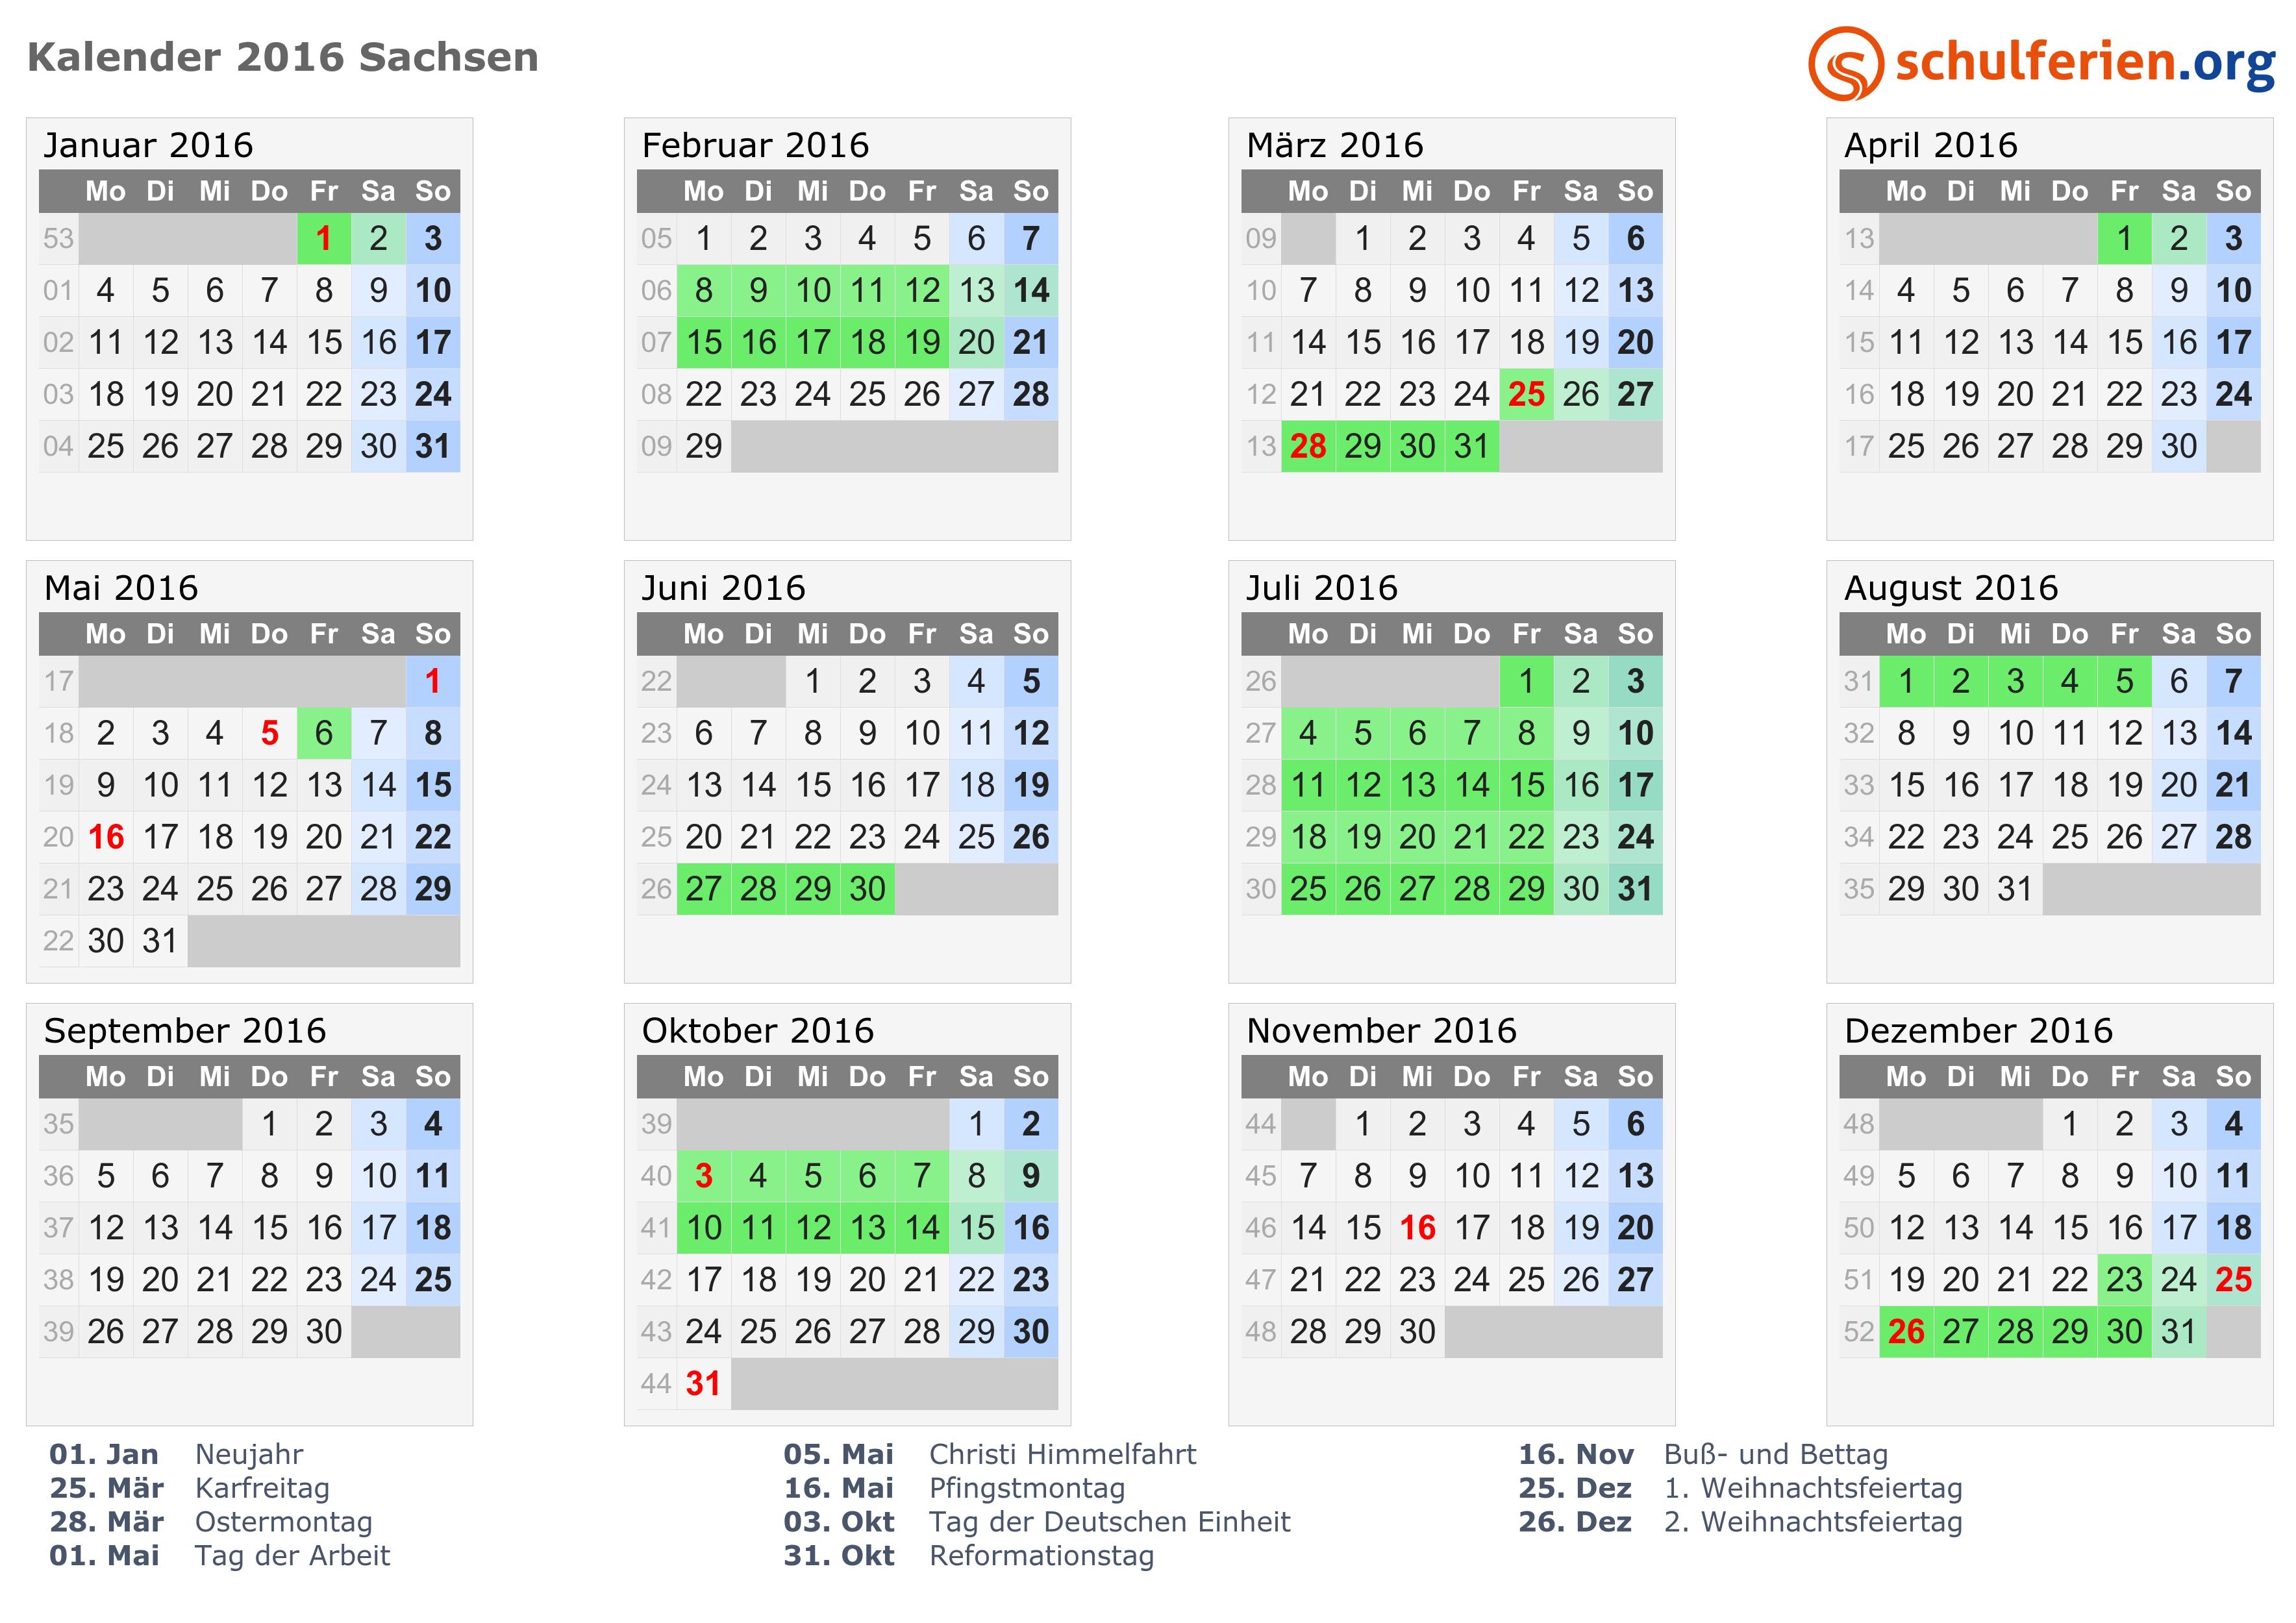 Kalender 2016 mit Ferien und Feiertagen Sachsen